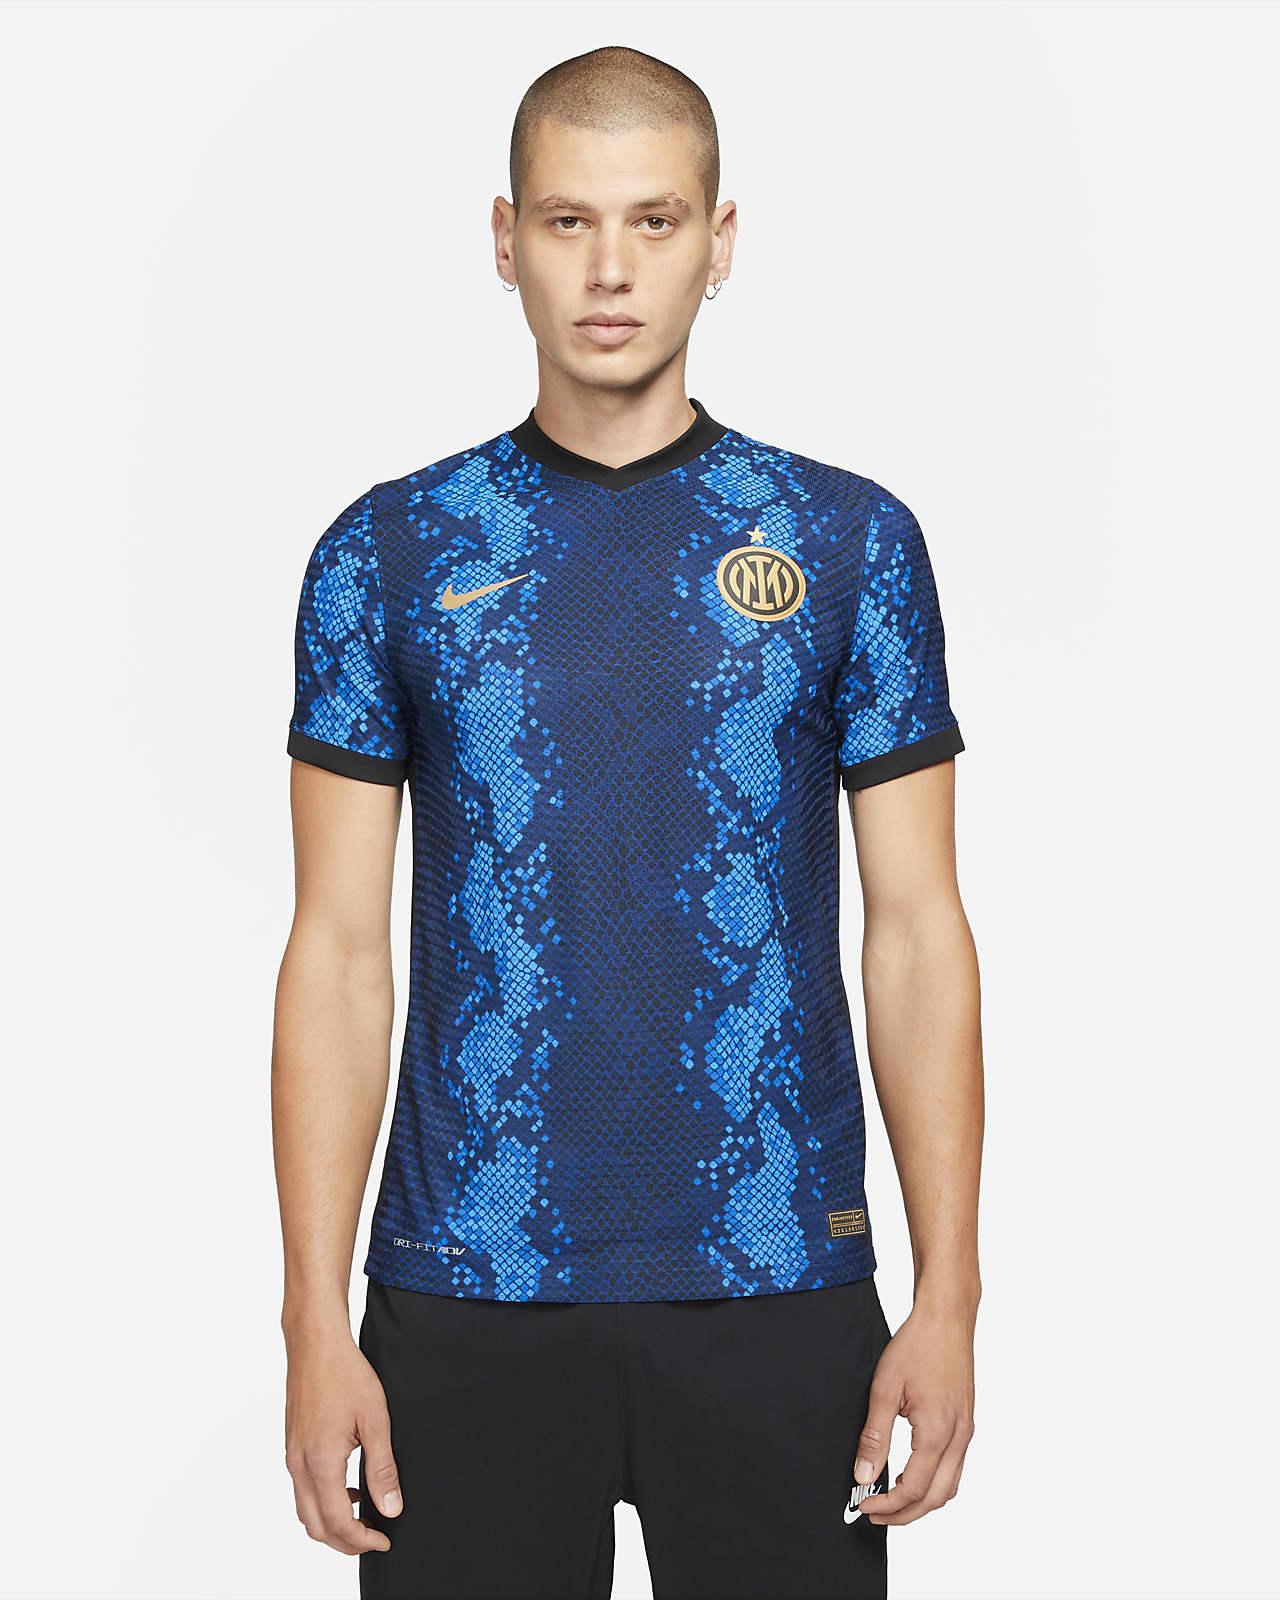 Camisola de futebol Nike Dri-FIT ADV do equipamento principal Match Inter de Milão 2021/22 para homem